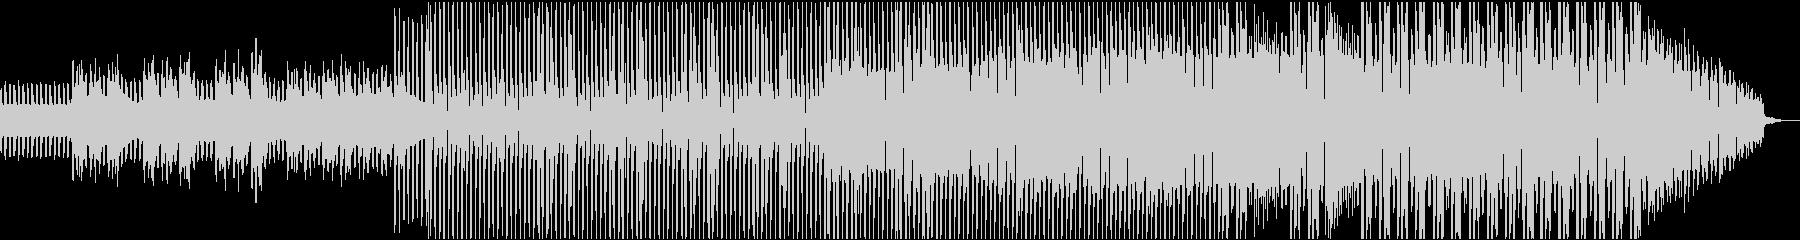 リズムが特徴的な楽曲の未再生の波形